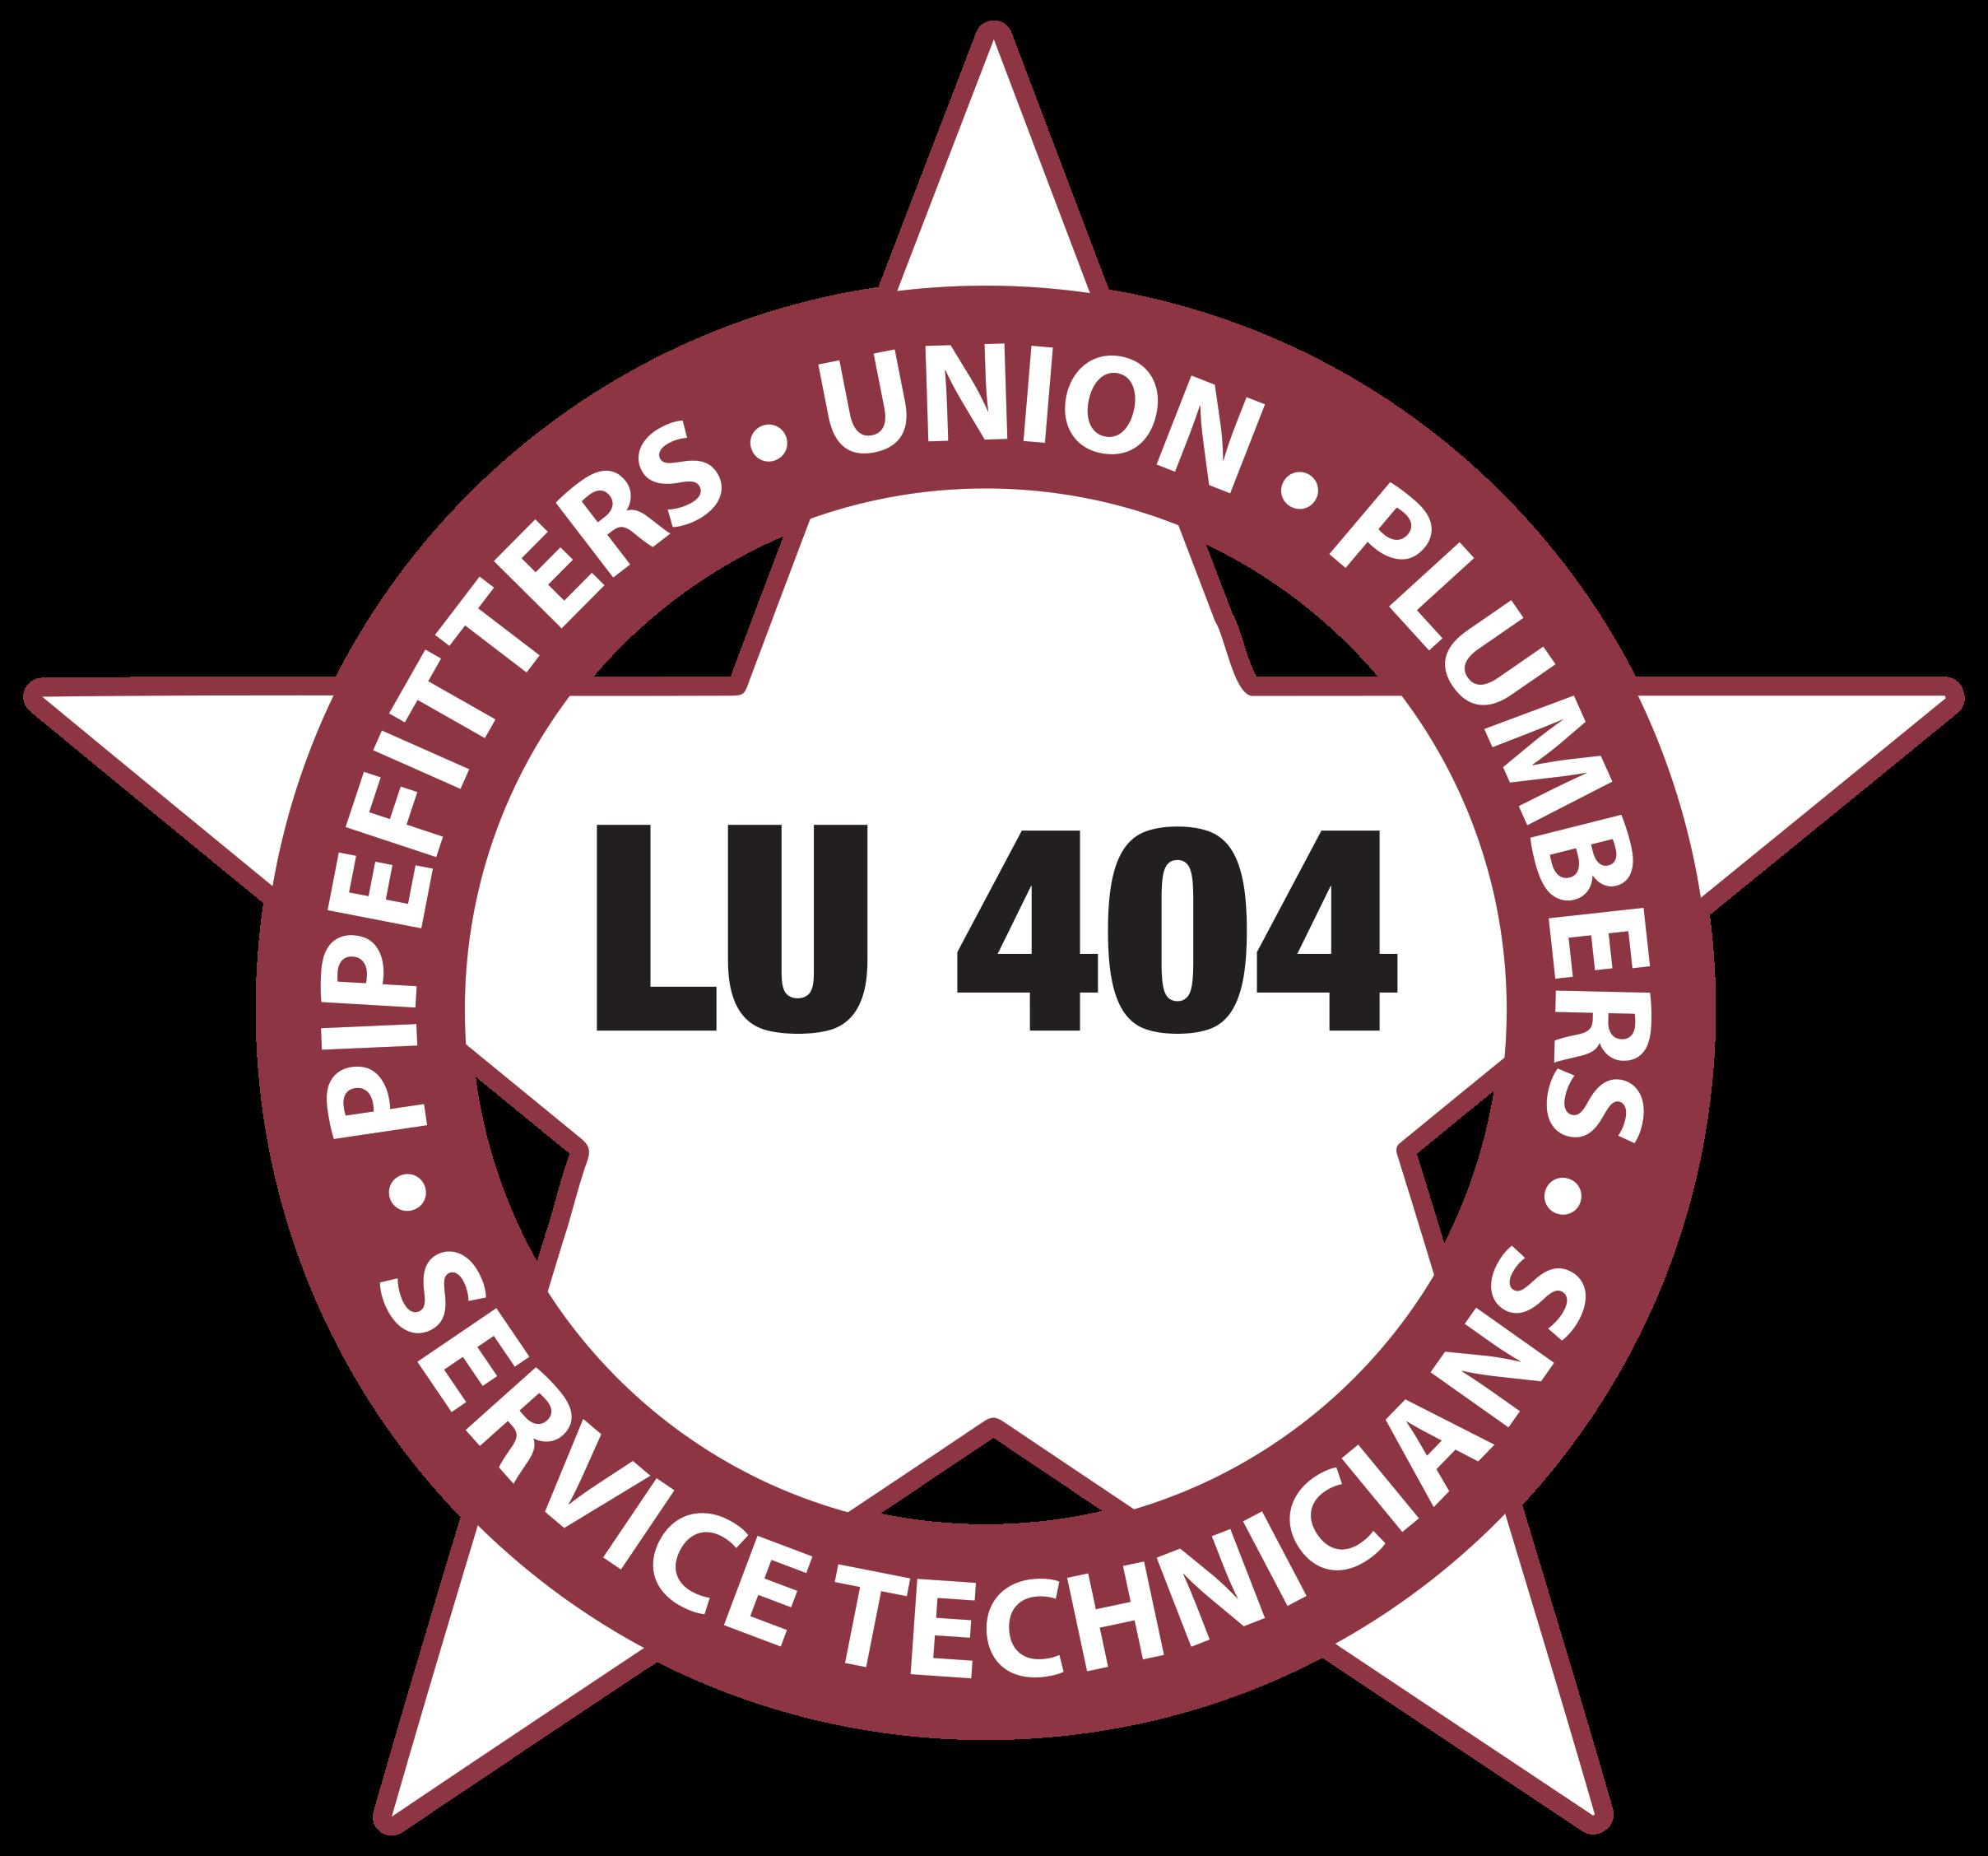 lu-404-logo